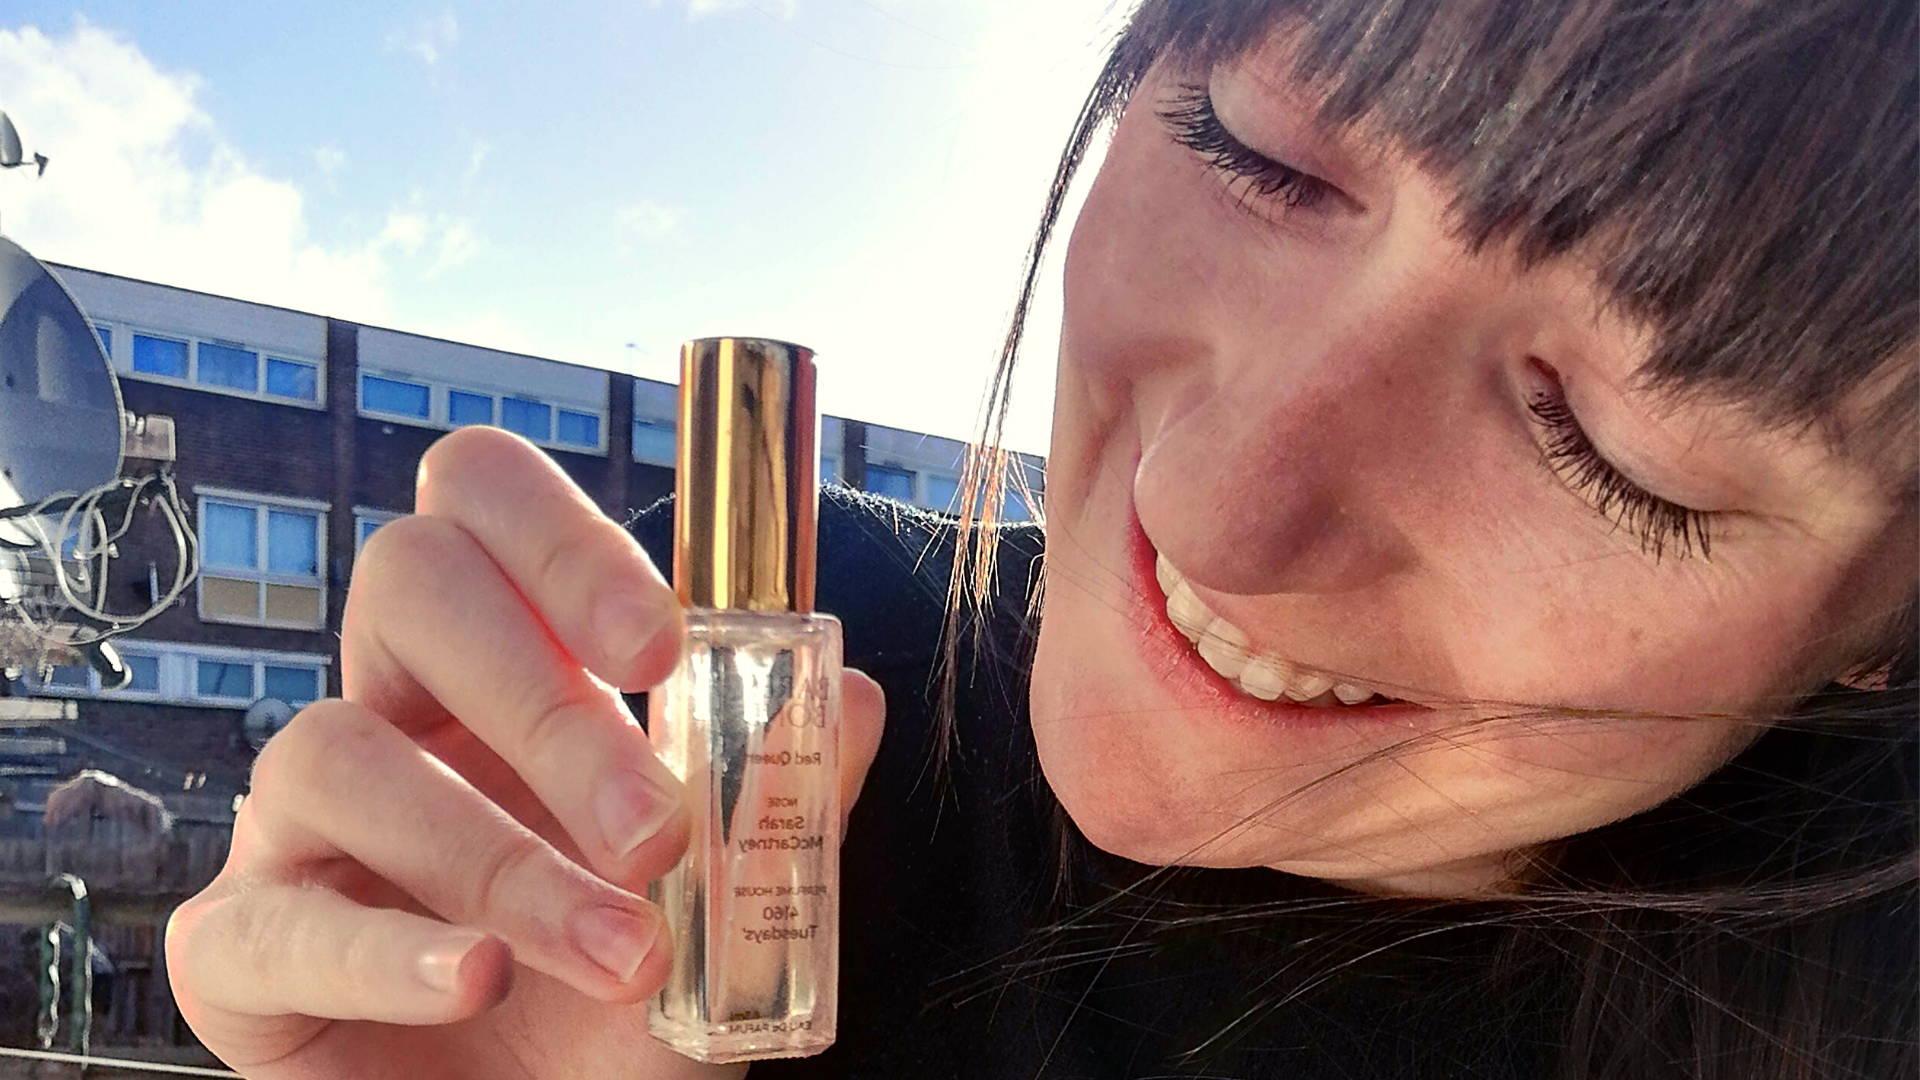 Frankee holding Bare & Bond perfume bottle